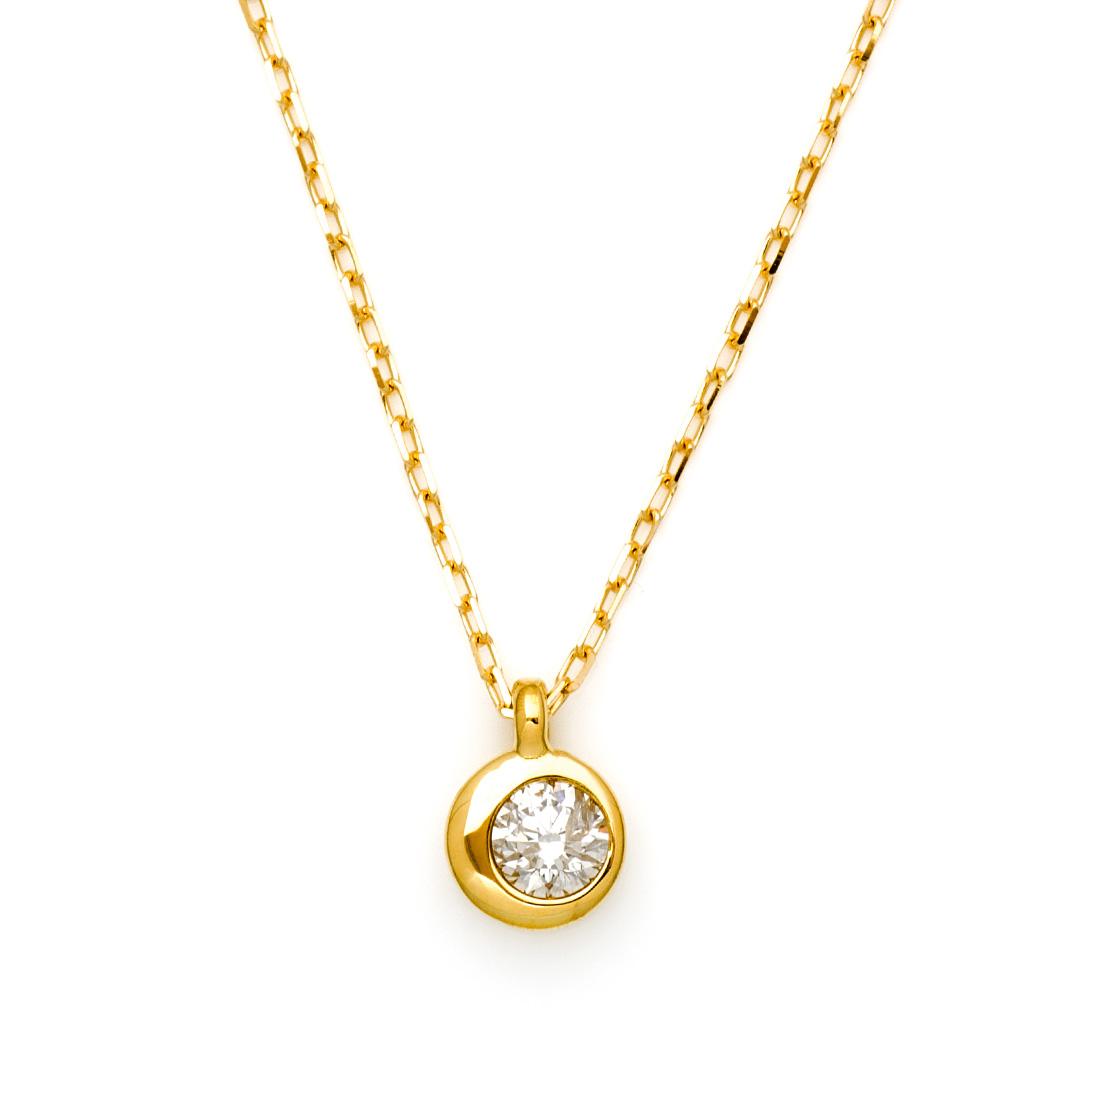 【GWクーポン配布中】ペンダント ダイヤモンド 0.1ct 「Moon」 ゴールド K18 アズキチェーン 送料無料